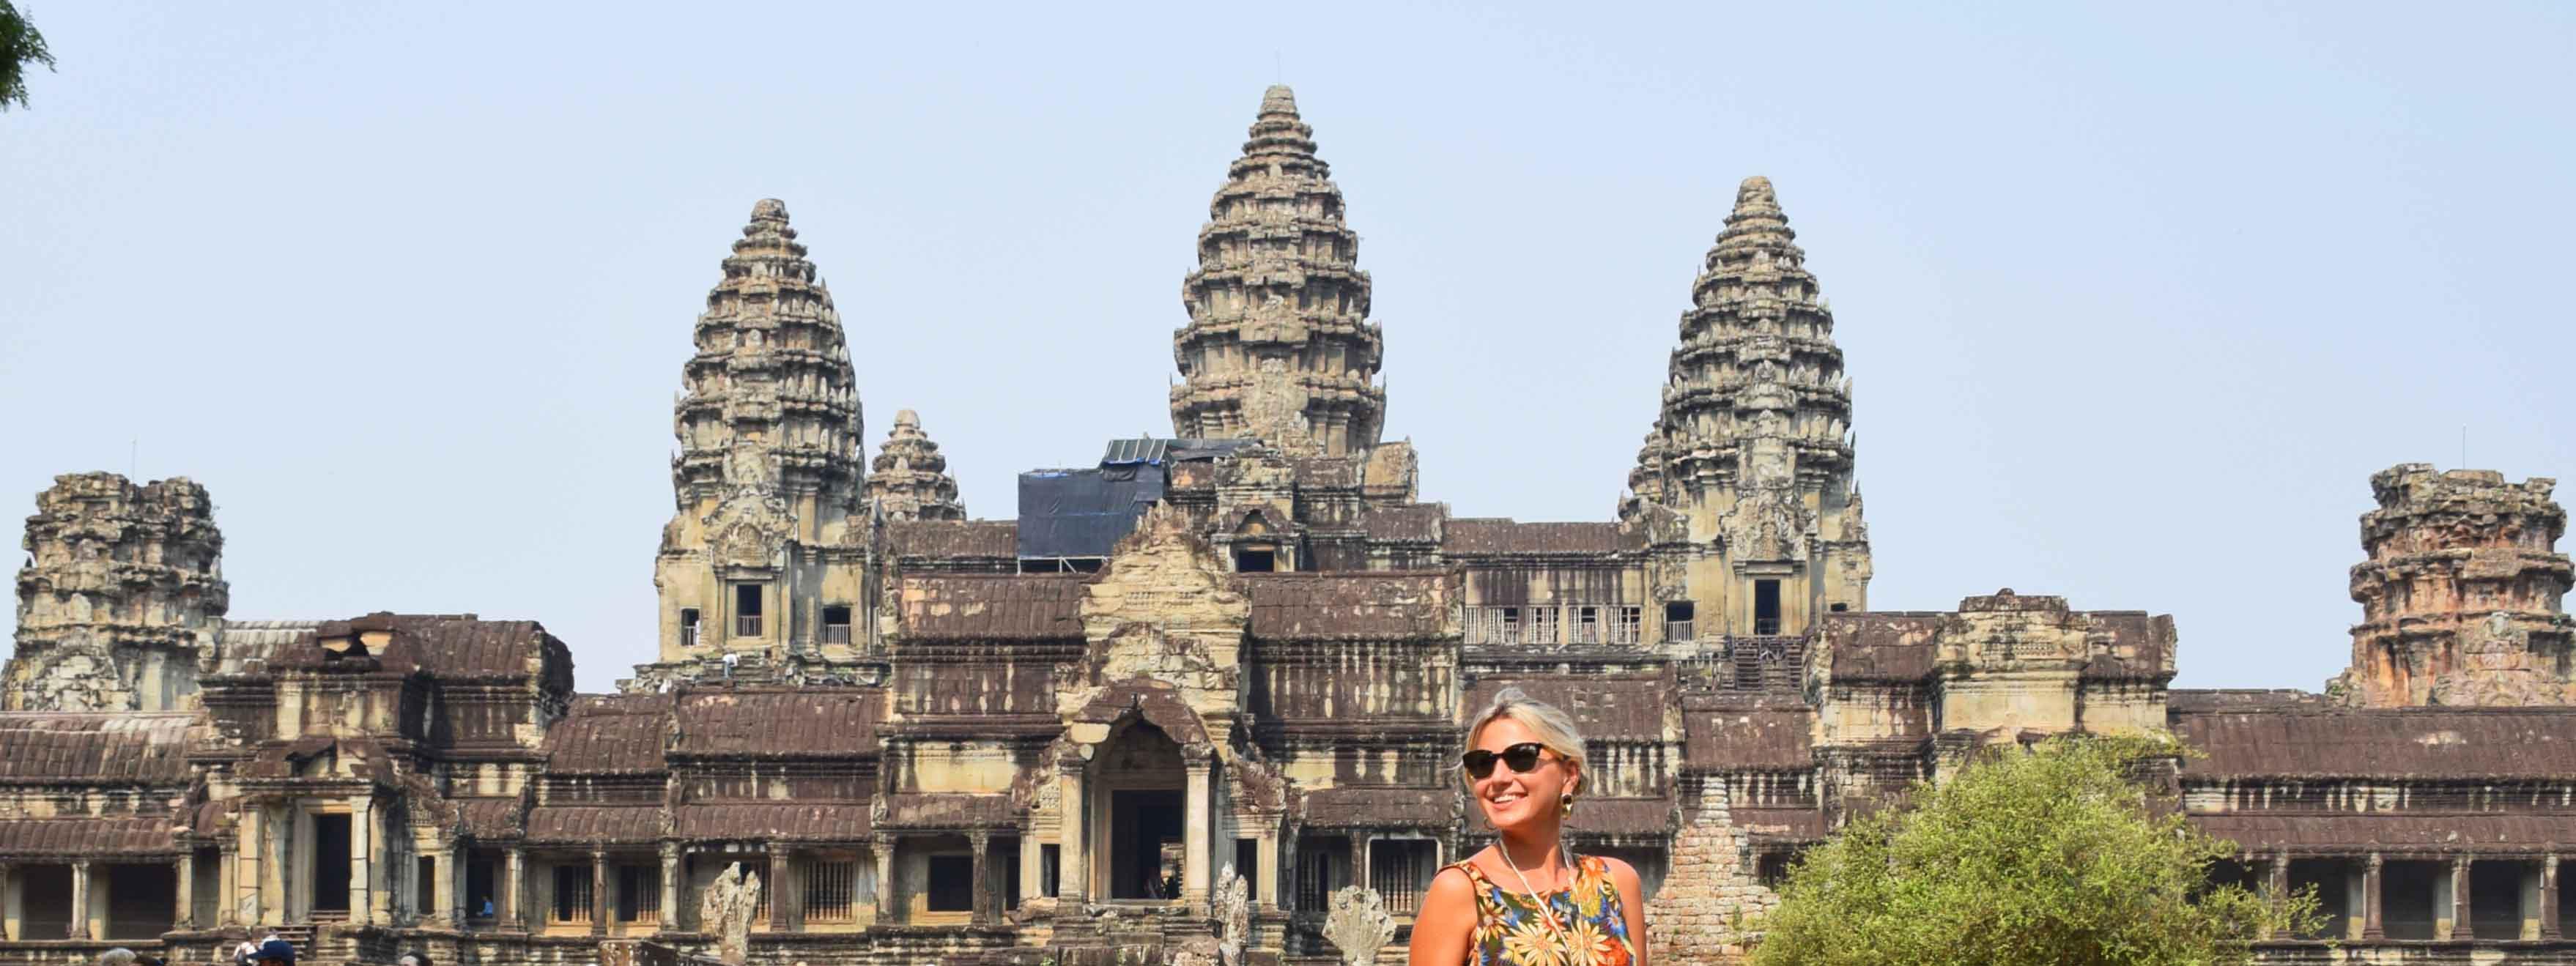 Templo Angkor Wat, em Siem Reap, Camboja | Créditos: Lala Rebelo